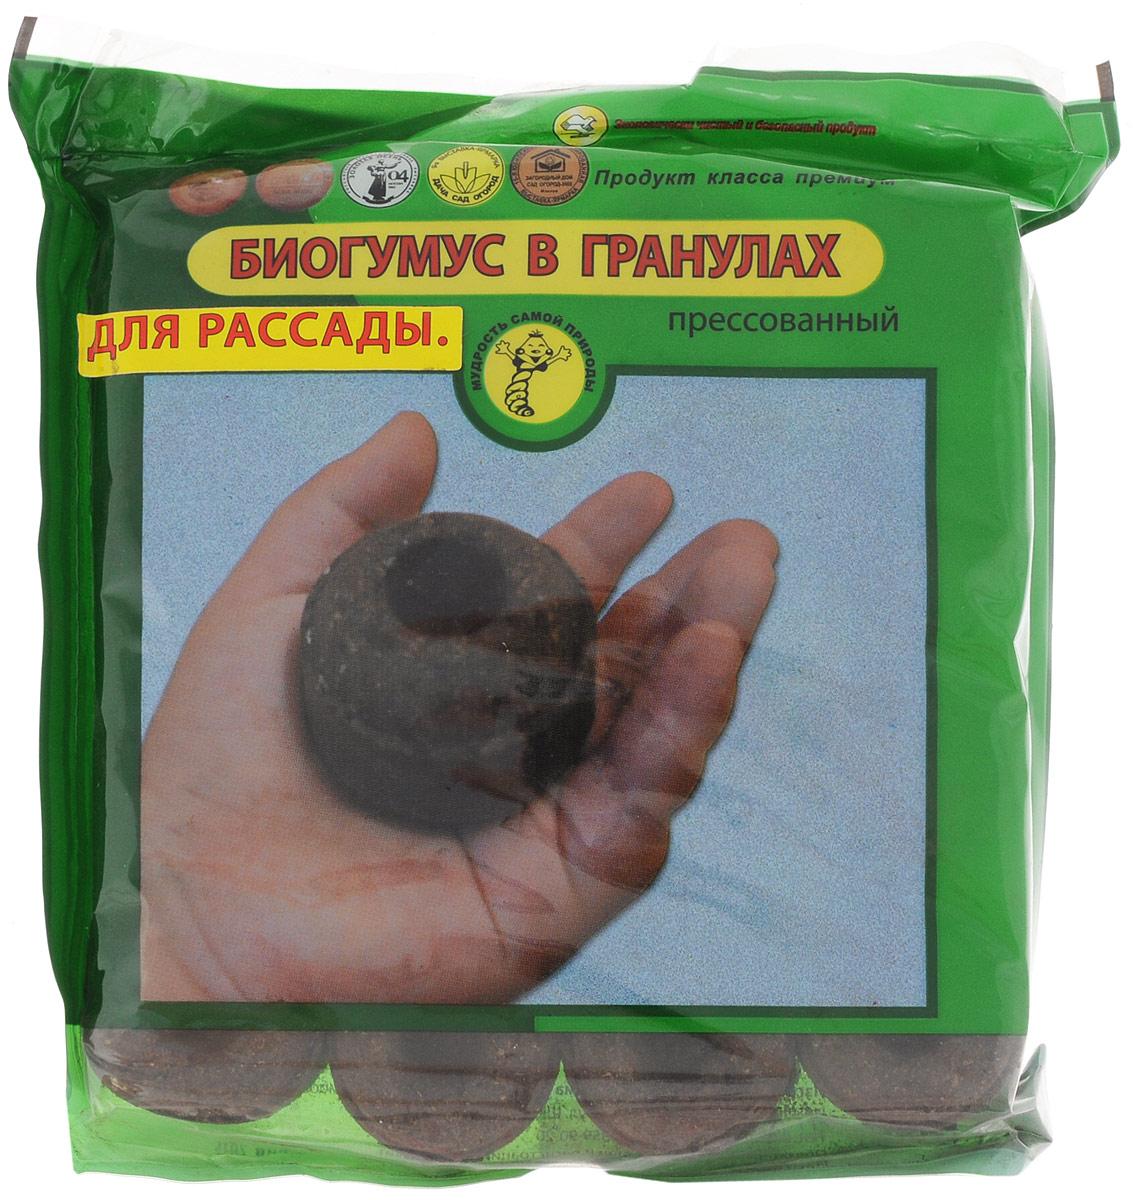 Удобрение Поля Русские Биогумус. Биоконтейнер, для рассады, 64 г х 16 шт8719400007664Удобрение Поля Русские Биогумус. Биоконтейнер выполнено в виде гранул и предназначено для выращивания рассады. Удобрение обеспечивает оптимальные условия для прорастания зародыша семян в начальный критический период. Благодаря биогумусу происходит дружная всхожесть, увеличивается продуктивность растений с одновременным повышением качества продукции, стимулируется корнеобразование, повышается сопротивляемость растений к заболеваниям. Биогумус, полученный промышленной популяцией дождевых червей путем переработки подстилочного навоза КРС, является наилучшим органическим удобрением для выращивания растений. Содержит полезную микрофлору, гуминовые вещества, ферменты, витамины и биологически активные вещества, которые подавляют болезнетворную микрофлору.Состав: биогумус.Содержание питательных элементов: азот - не менее 0,6%, фосфор - не менее 0,5%, калий - не менее 0,8%, pH - не менее 7,0.Микроэлементы: Zn, Gu, Mn, Mo, B, Fe, Se, I.Товар сертифицирован.